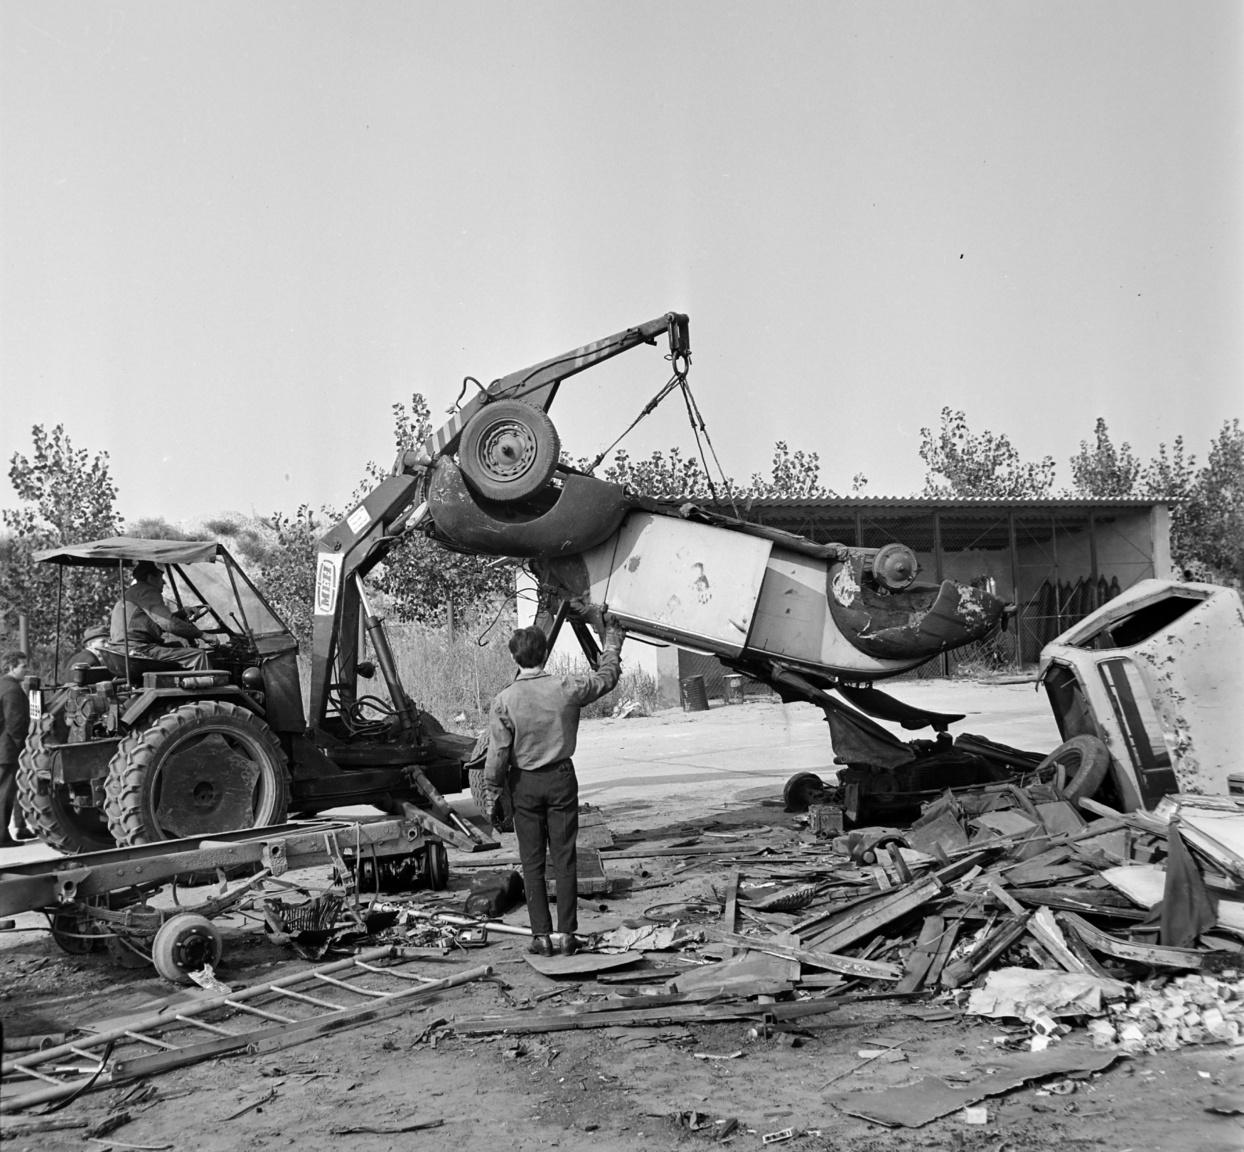 A gépek azonban az 1950-es évek végéig nem tudták leváltani a lovaskocsikat a városban. Az 1950-ben létrejött Nagy-Budapest teljes területére kiterjedő rendszeres szemétgyűjtést 1952-re sikerült elérni, a lóüzem felszámolására csak 1957-ben kerülhetett sor. A Skoda ROK, majd Skoda RTK gyűjtőjárművek darabszámának növekedésével a '60-as évek második felében a félpormentes gyűjtés fokozatosan háttérbe szorult. Az 1970-es évektől kezdődően a nagy tömörítő-képességű MUT felépítményes gyűjtőjárműveket alkalmazták, és 1975-re sikerült a félpormentes gyűjtést teljesen megszüntetni.